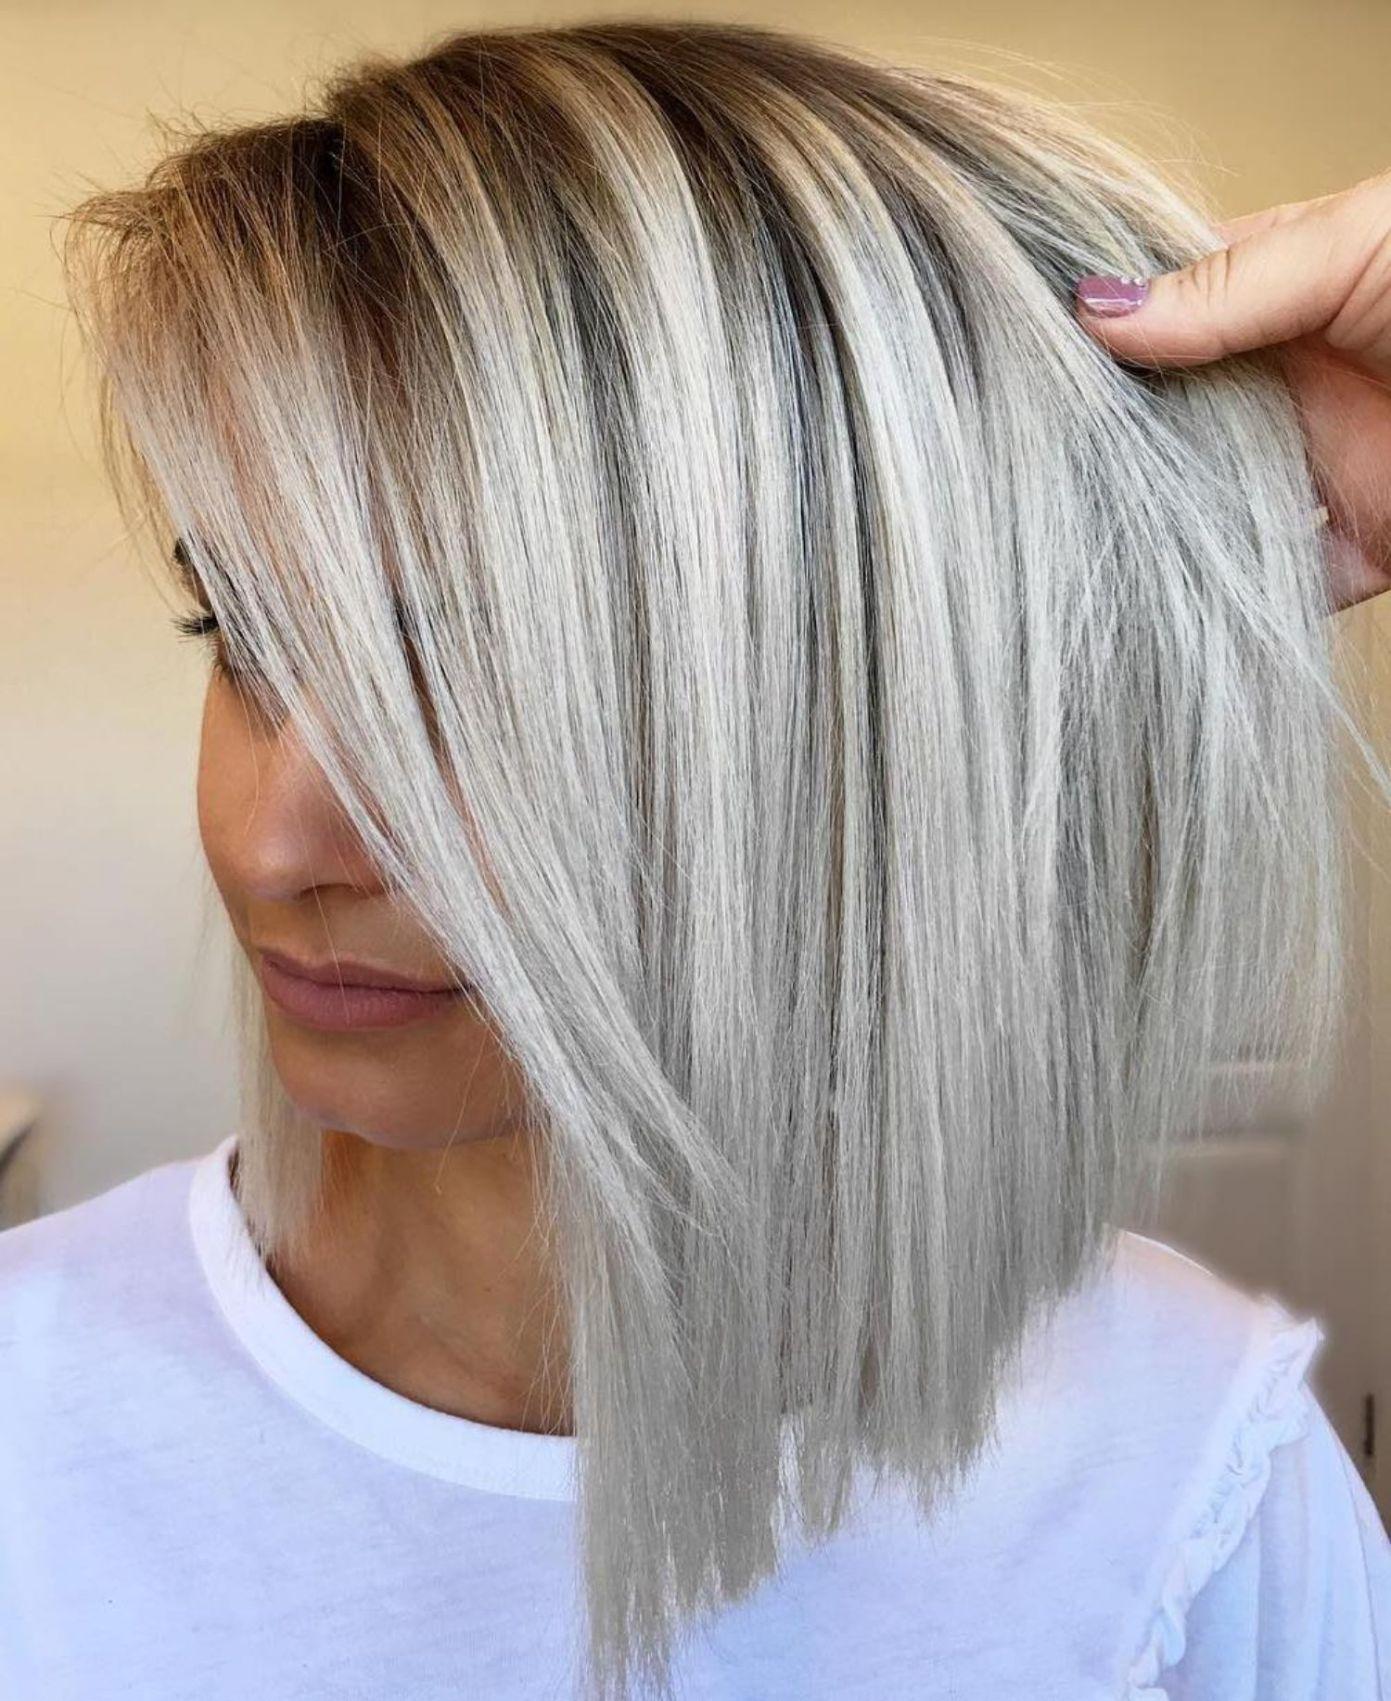 70 Devastatingly Cool Haircuts For Thin Hair Thin Hair Haircuts Thin Fine Hair Hairstyles For Thin Hair